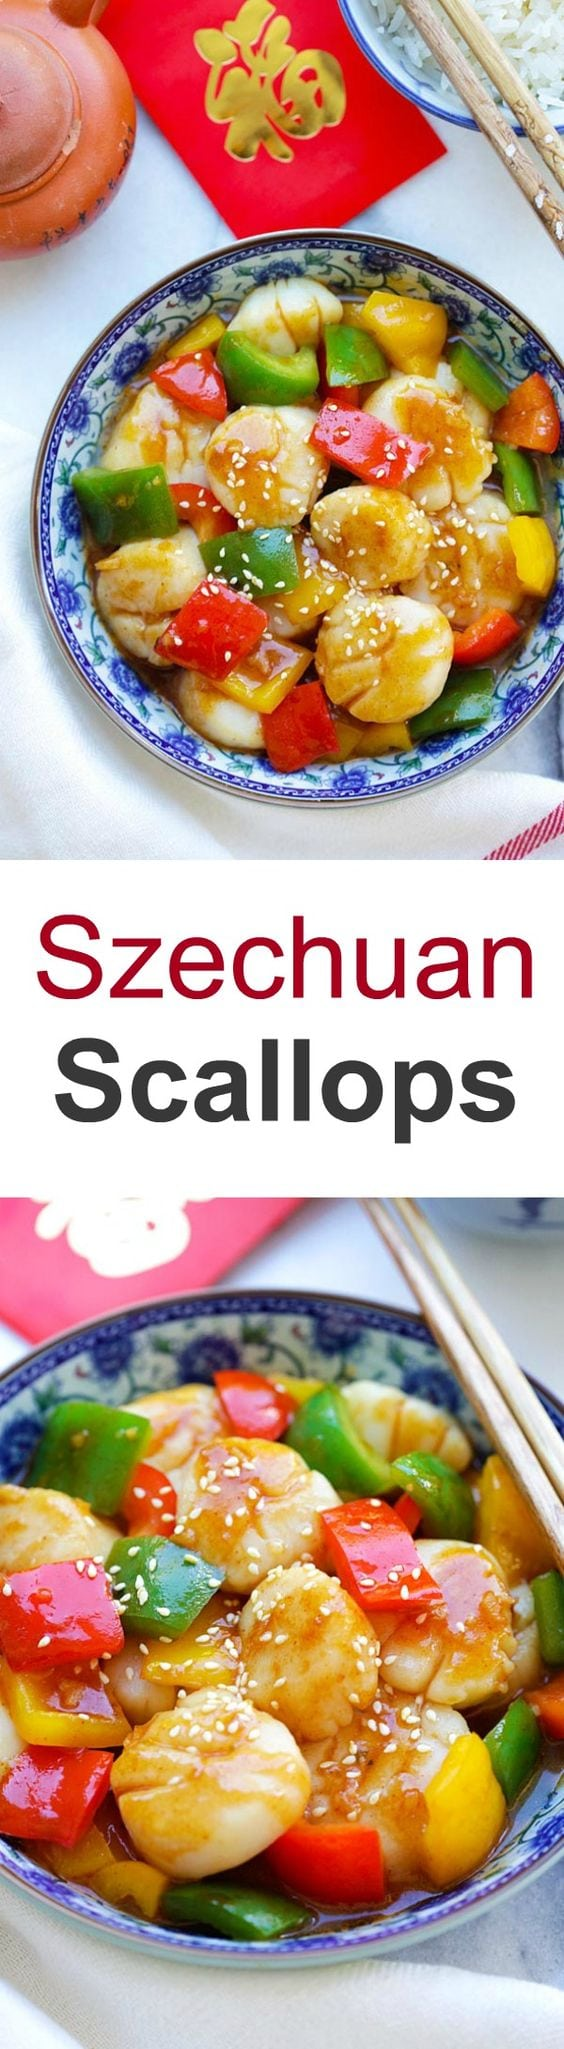 Szechuan Scallops - juicy and succulent scallops stir fry with San-J Szechuan sauce. So good and best served with rice | rasamalaysia.com